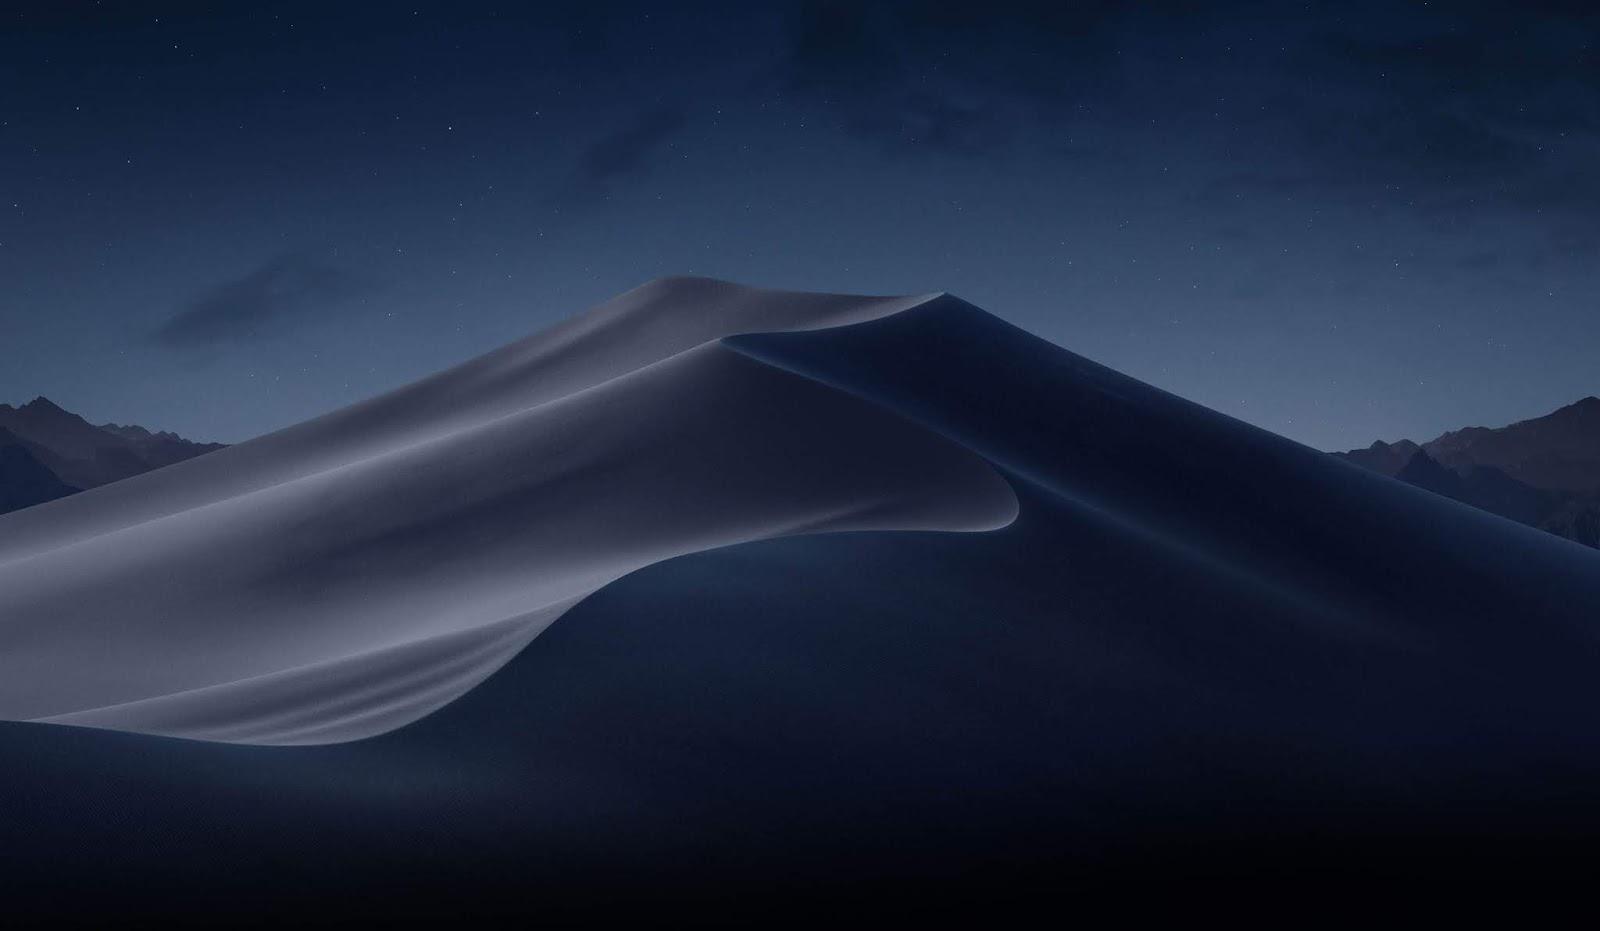 Papel de parede do macOS Mojave